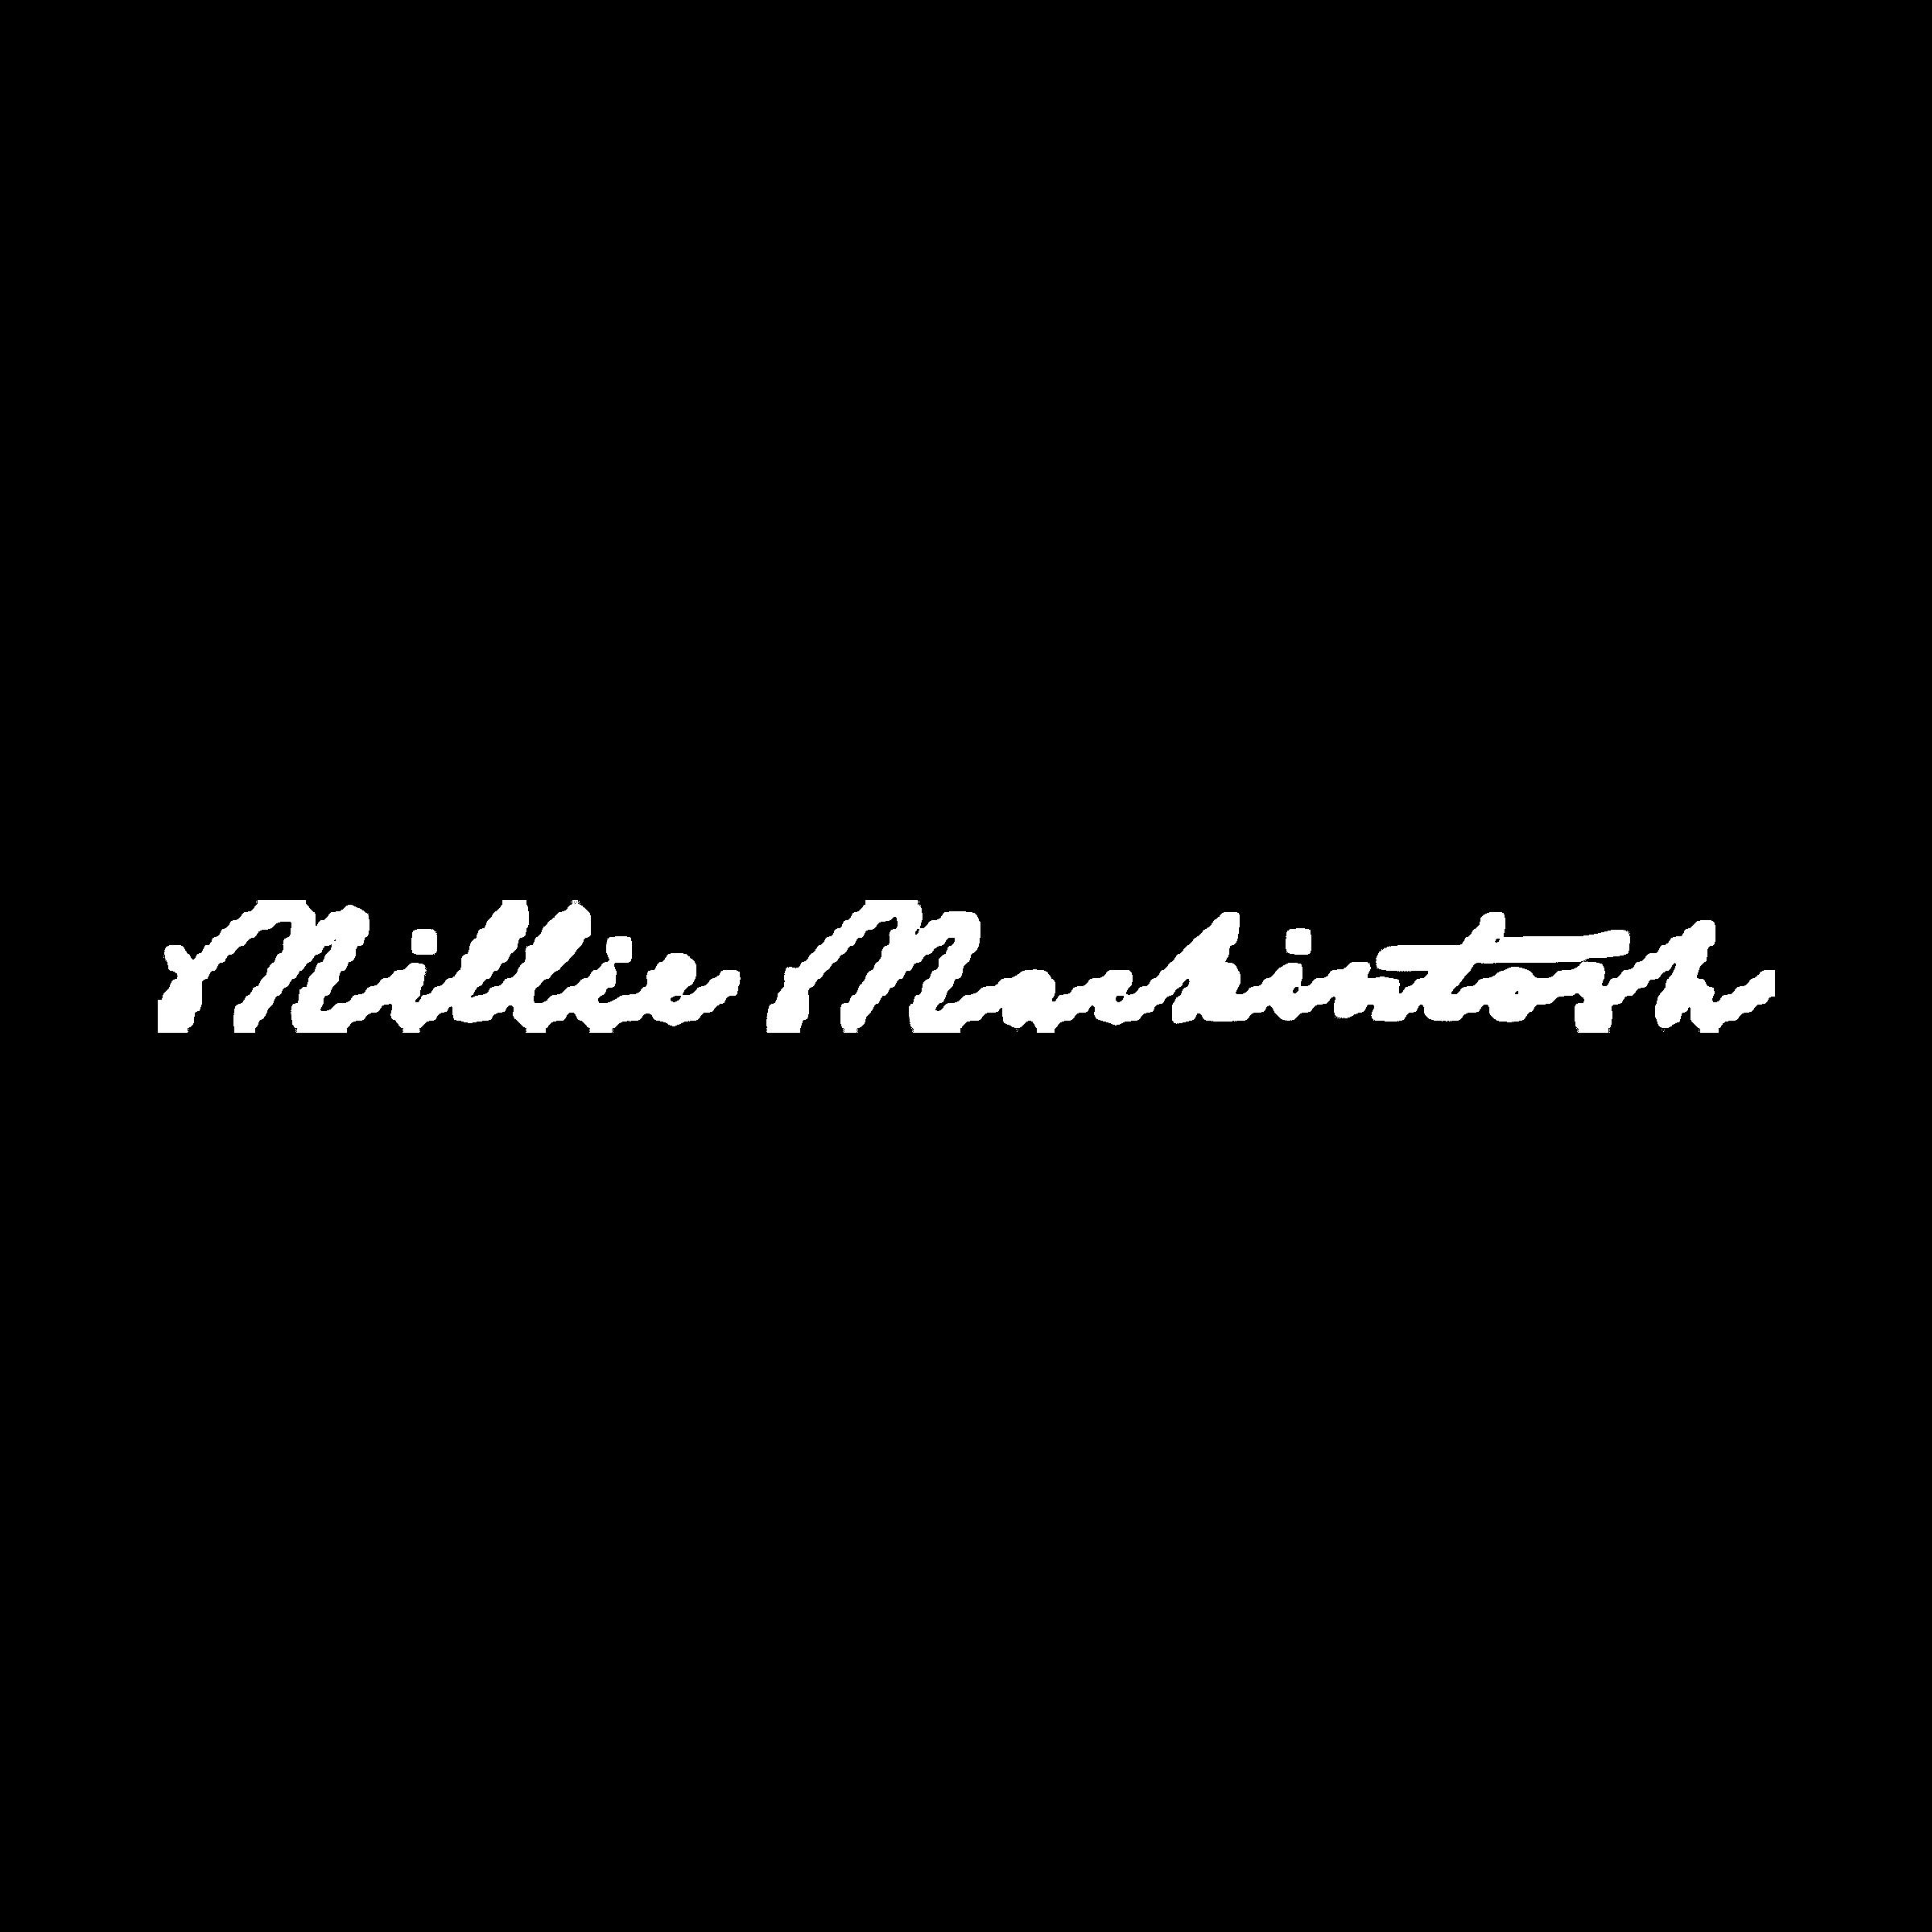 millie-mackintosh-logo-white